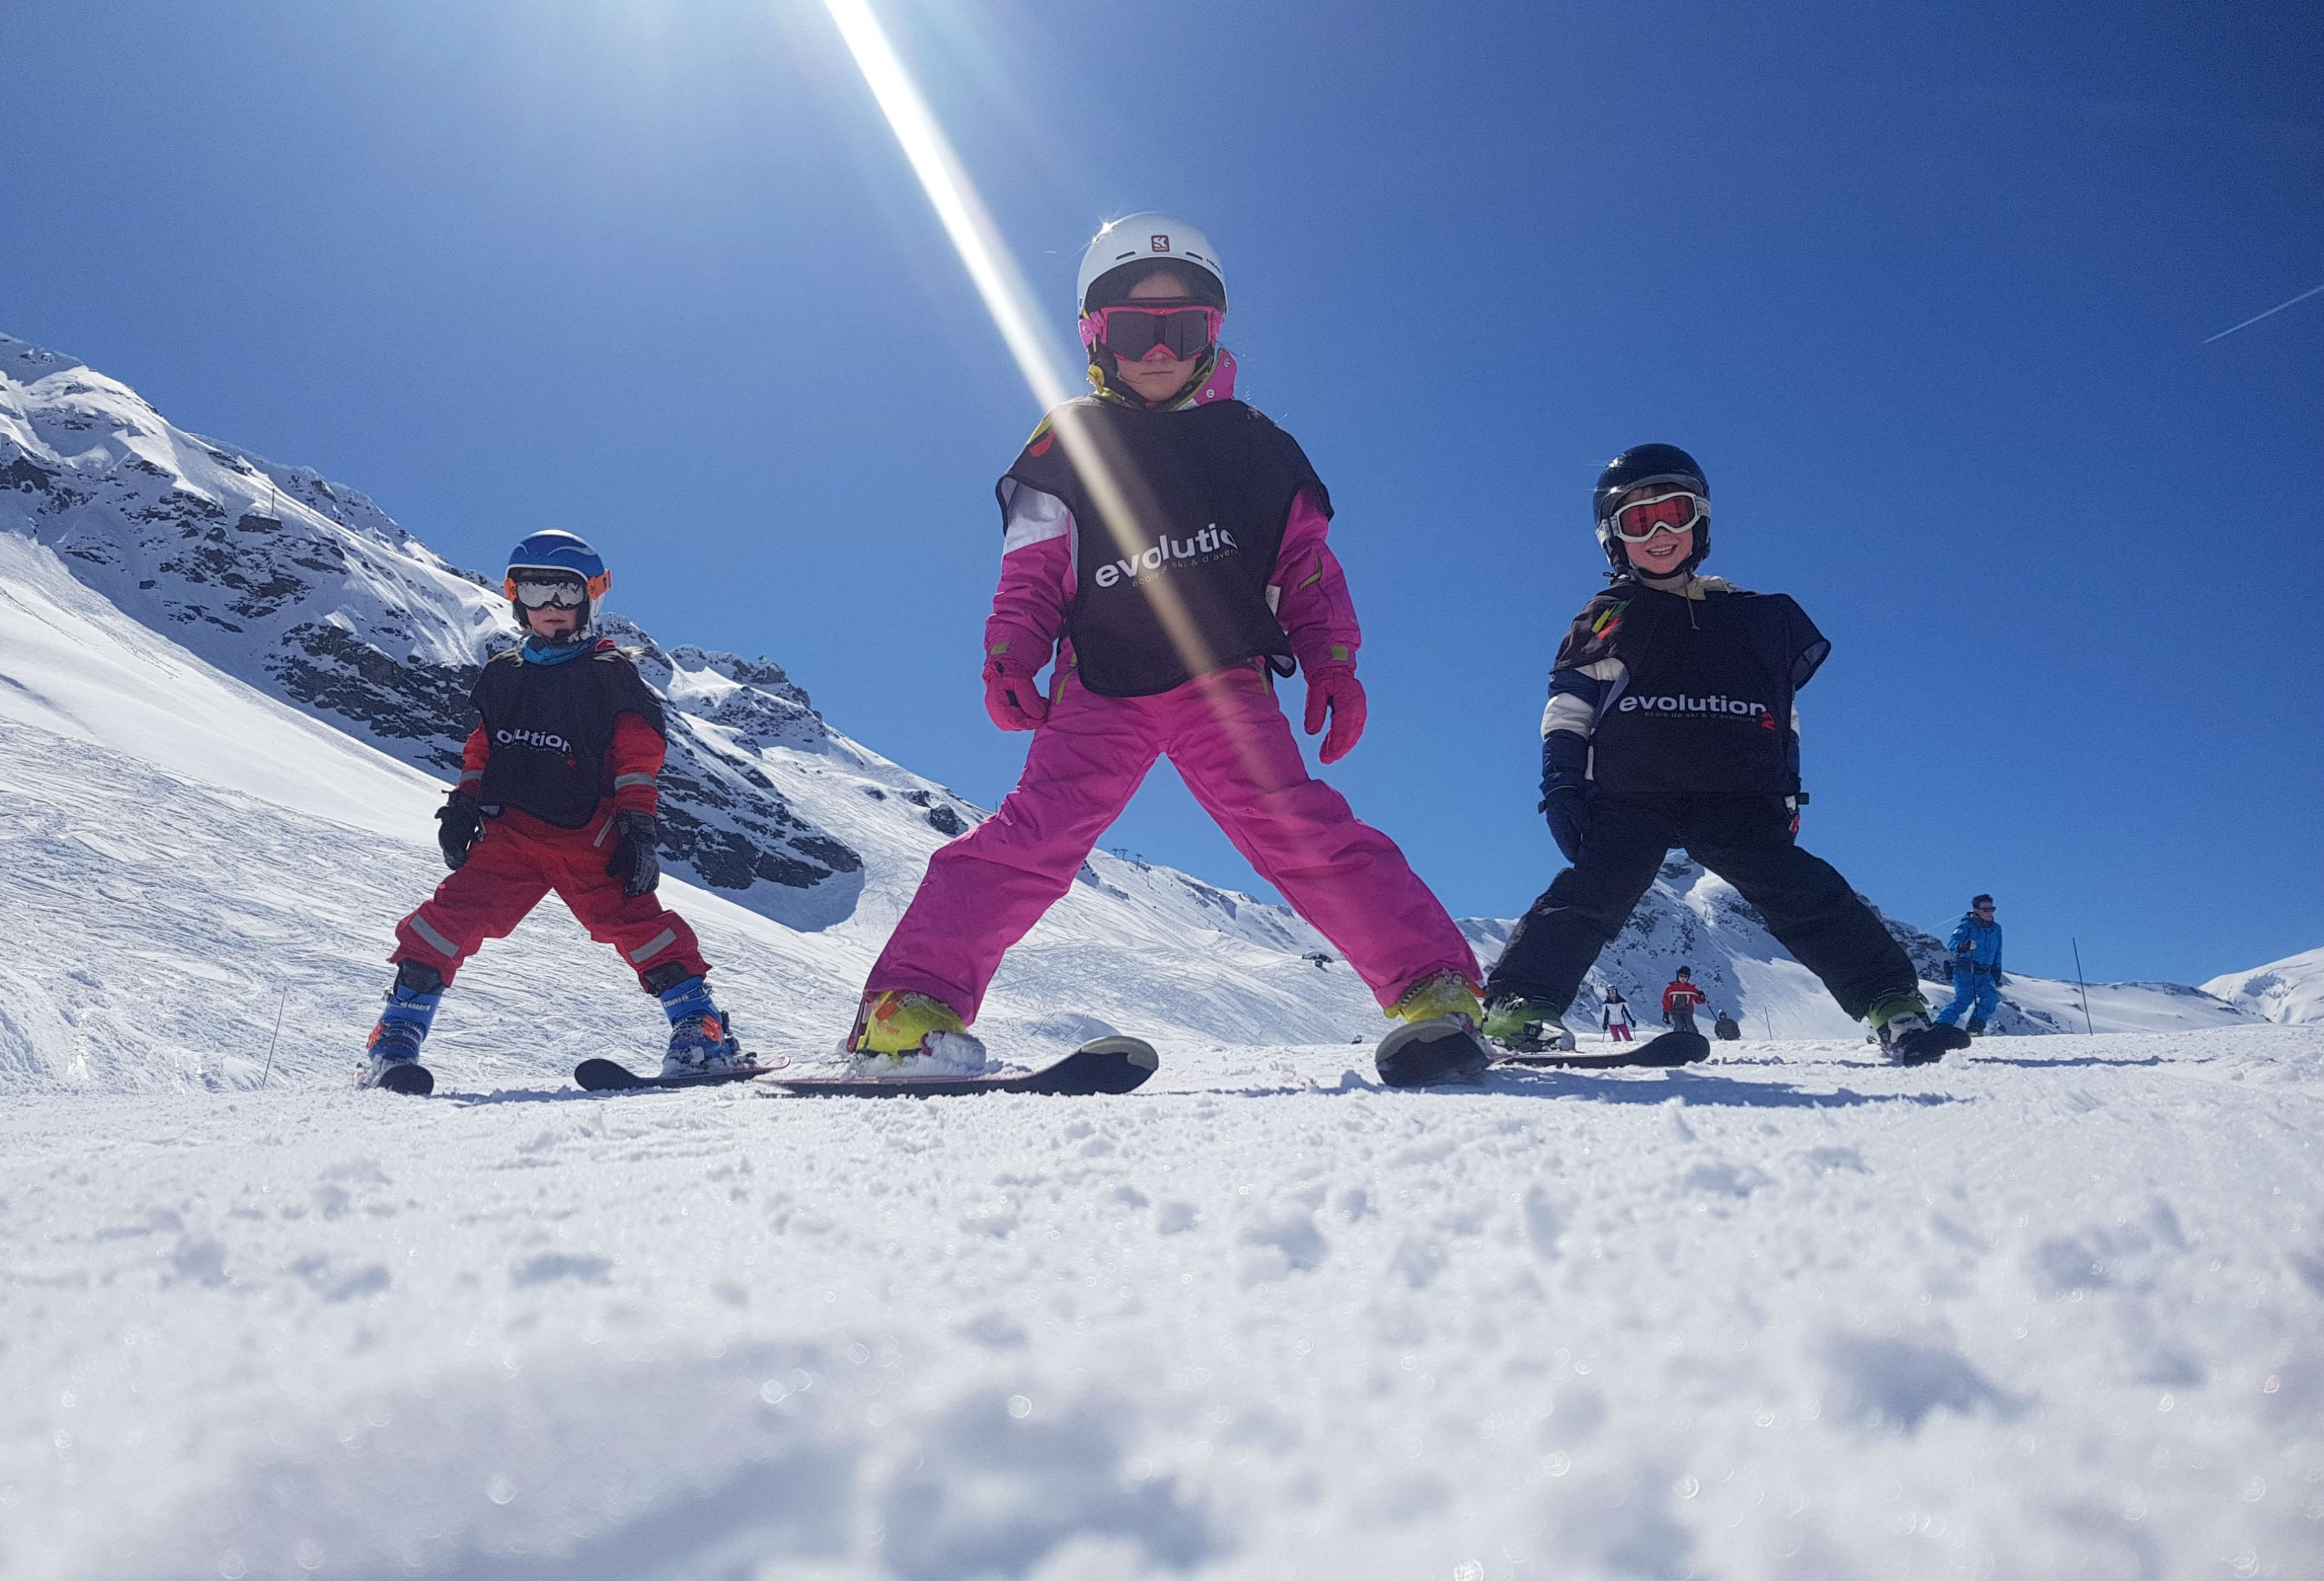 Skilessen voor kinderen vanaf 5 jaar - ervaren